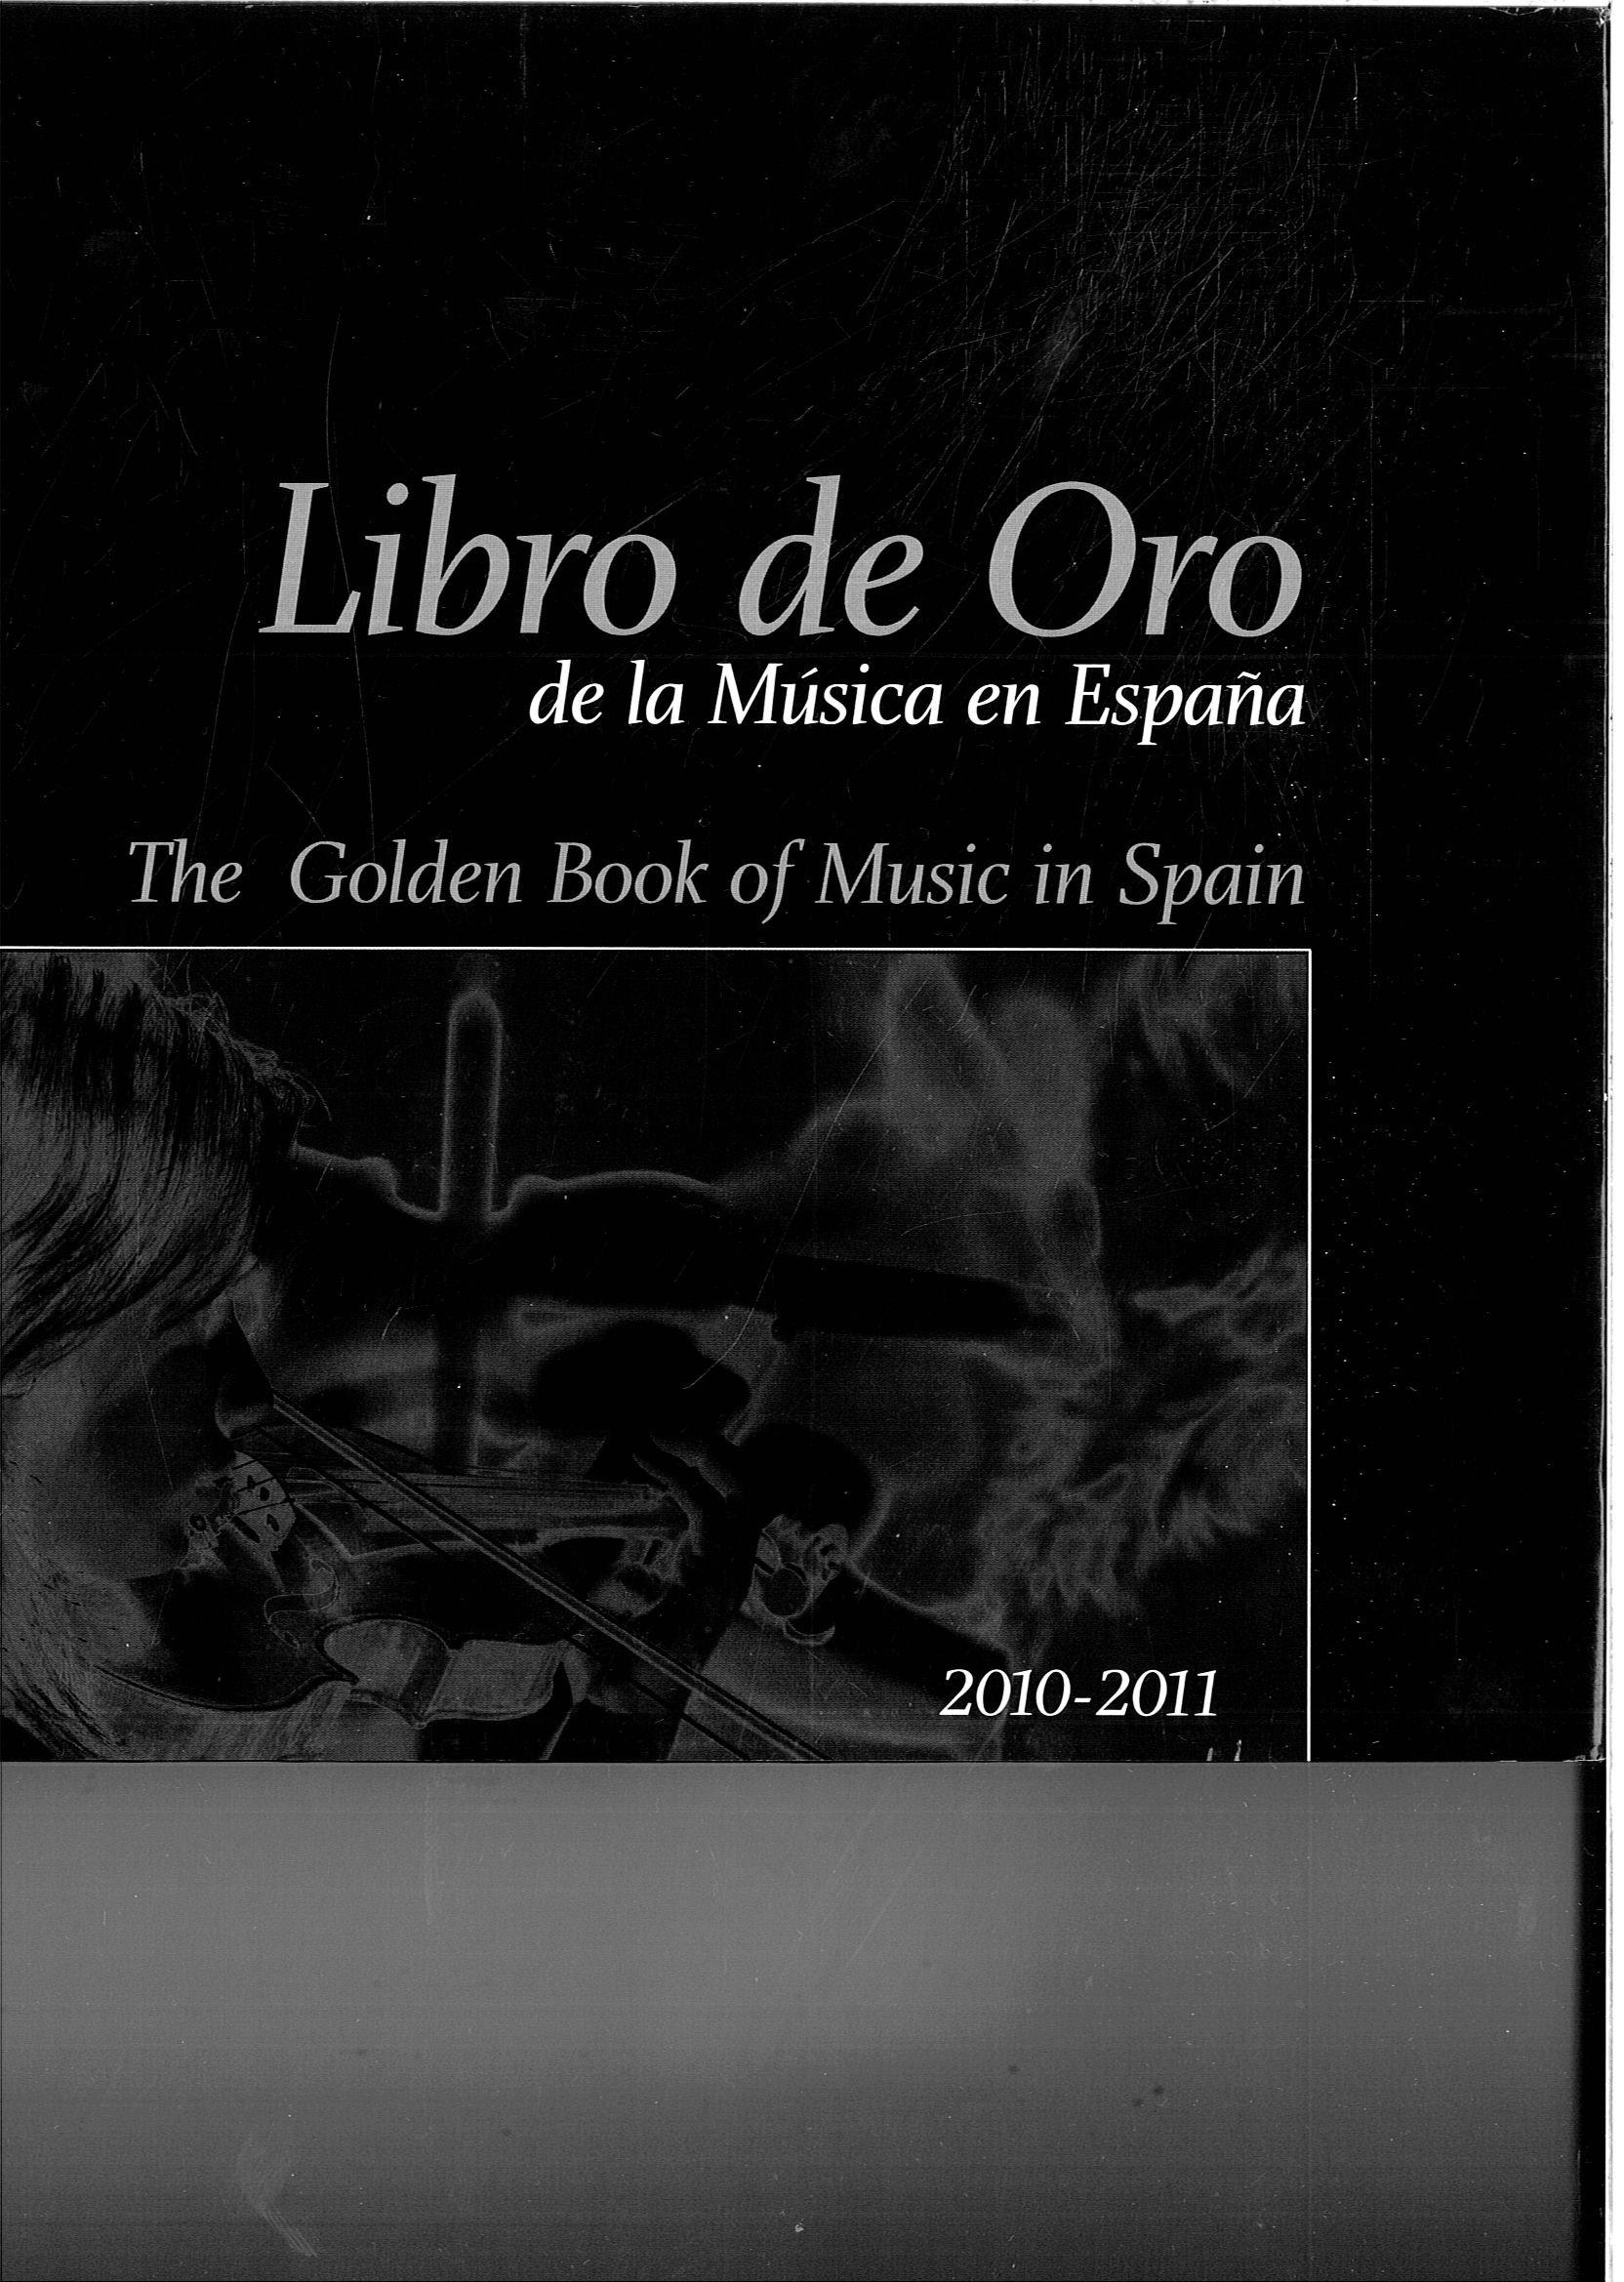 Libro De Oro De La Música En España, 1990 - 1999: Amazon.es: VV.AA.: Libros en idiomas extranjeros